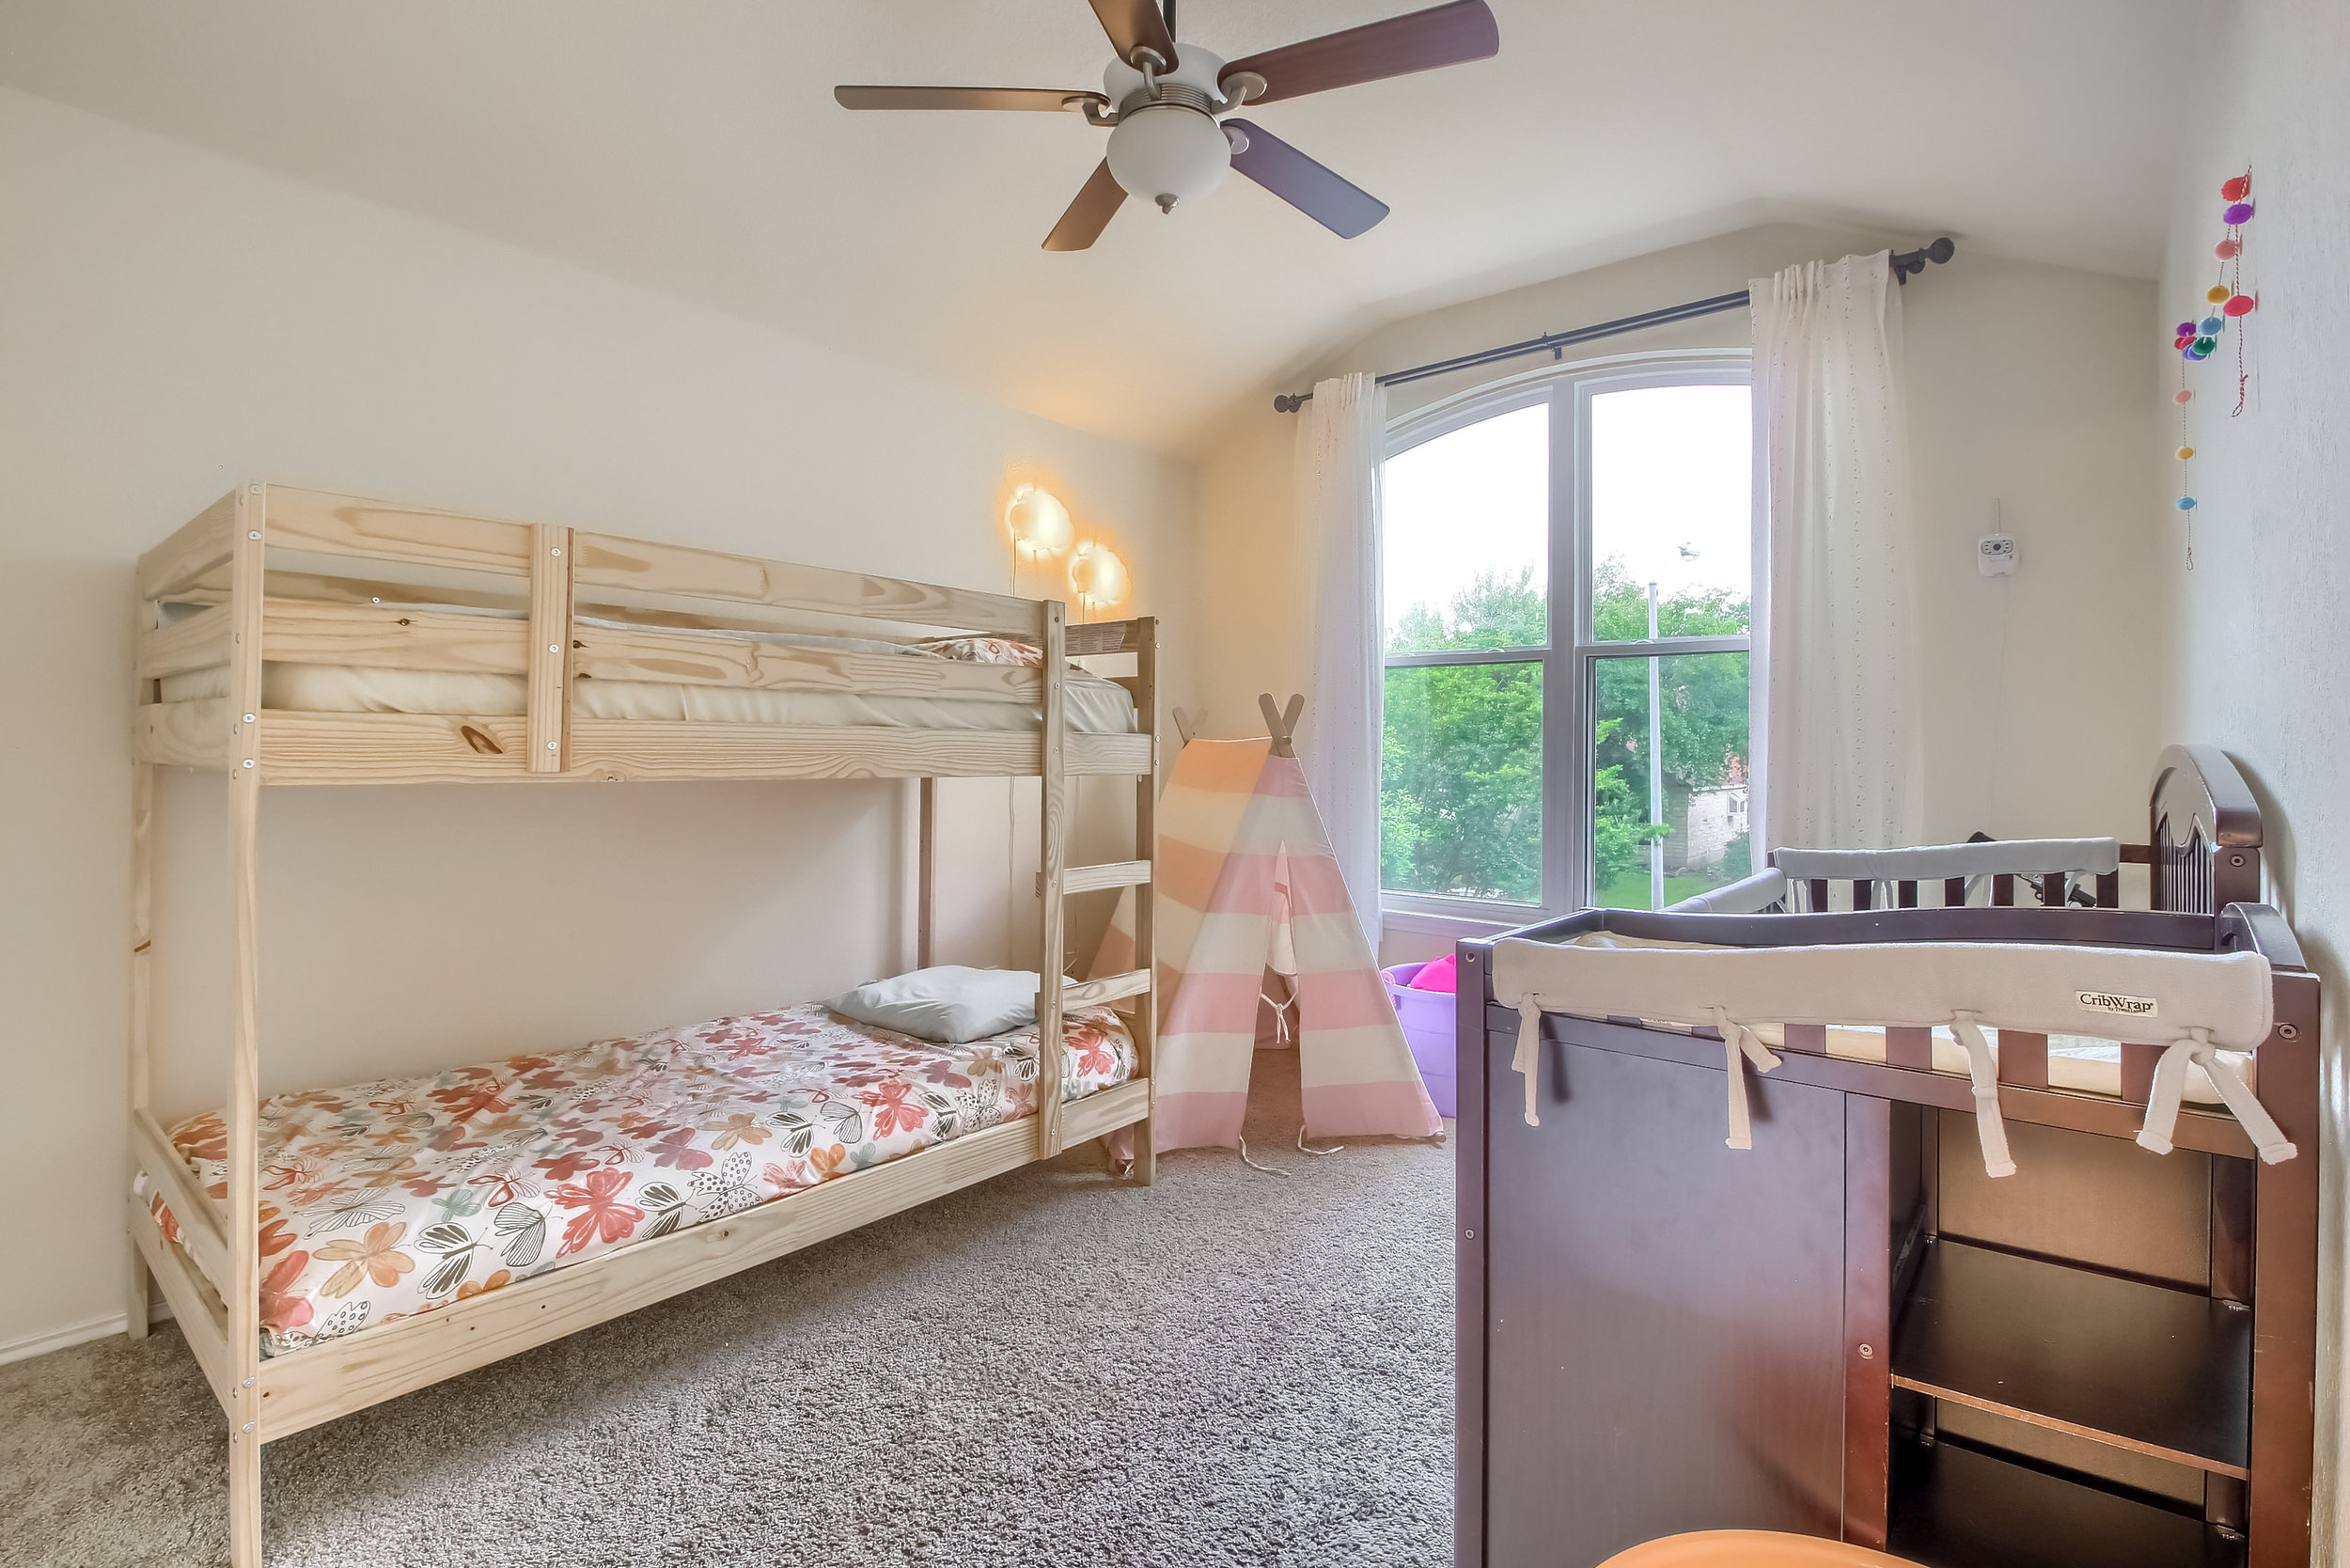 06_Bedroom_IMG_2202.JPG